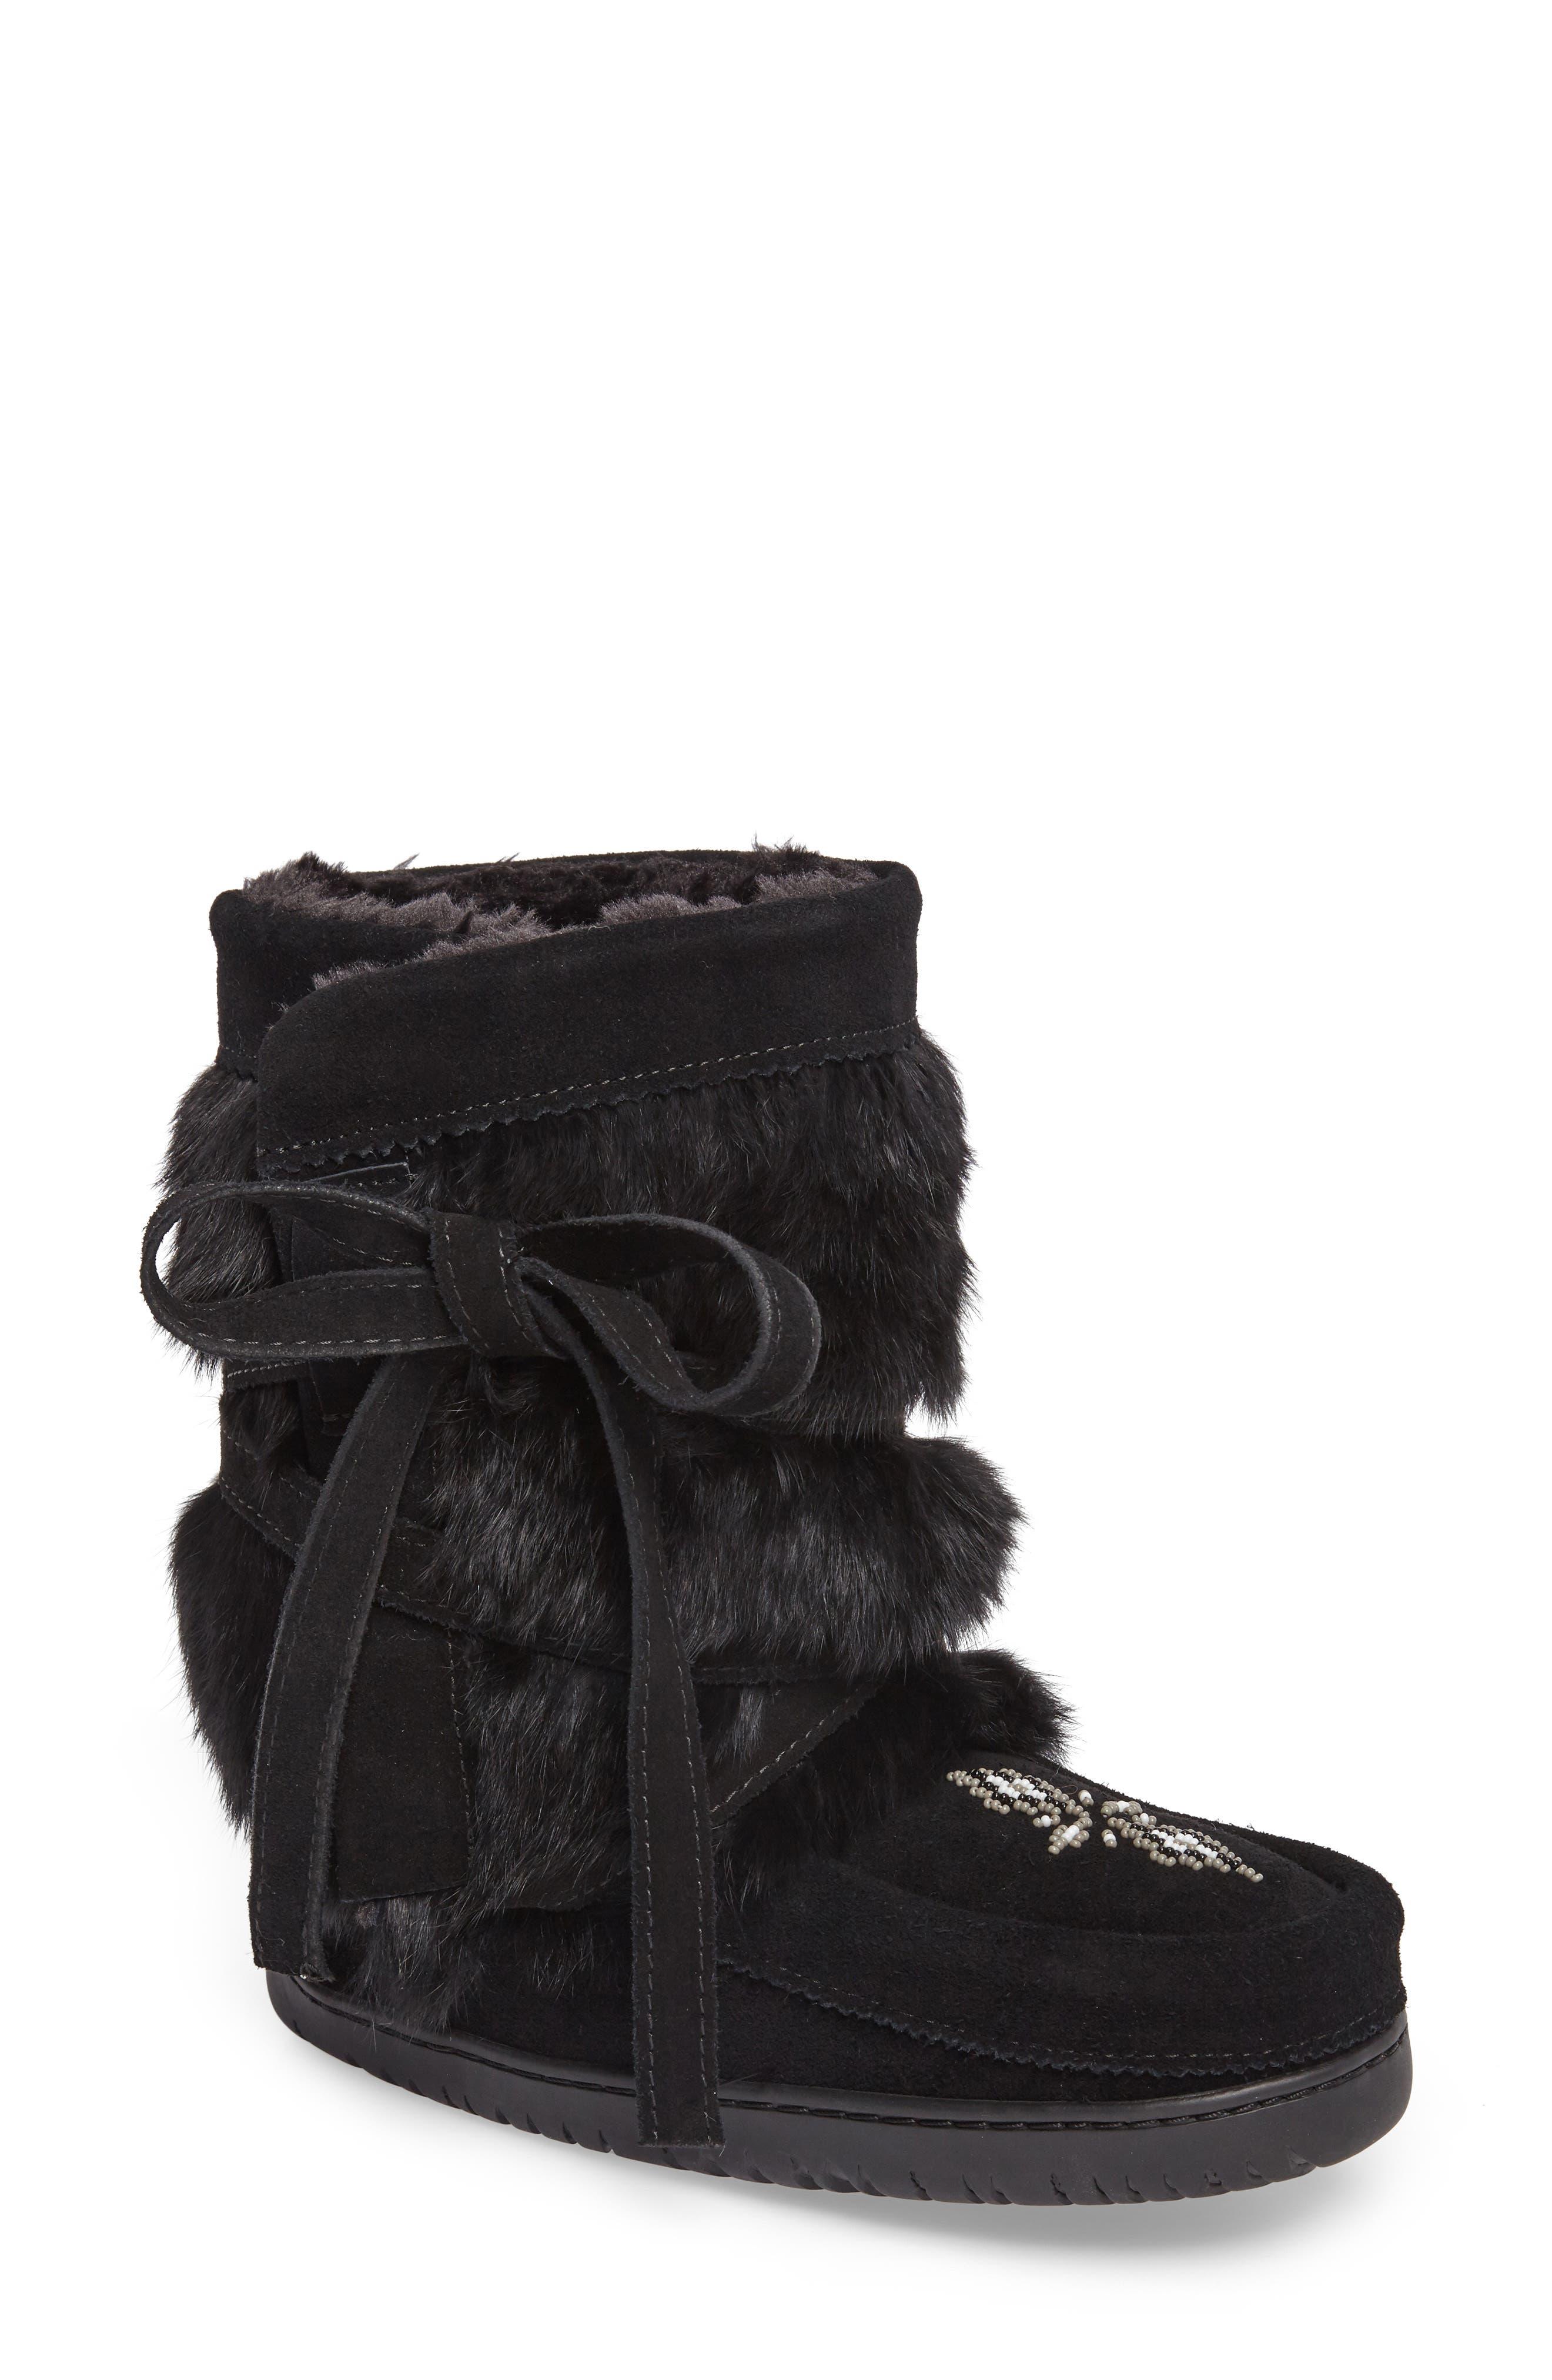 Beaded Short Wrap Genuine Rabbit Fur & Shearling Boot,                         Main,                         color, Black Rabbit Fur